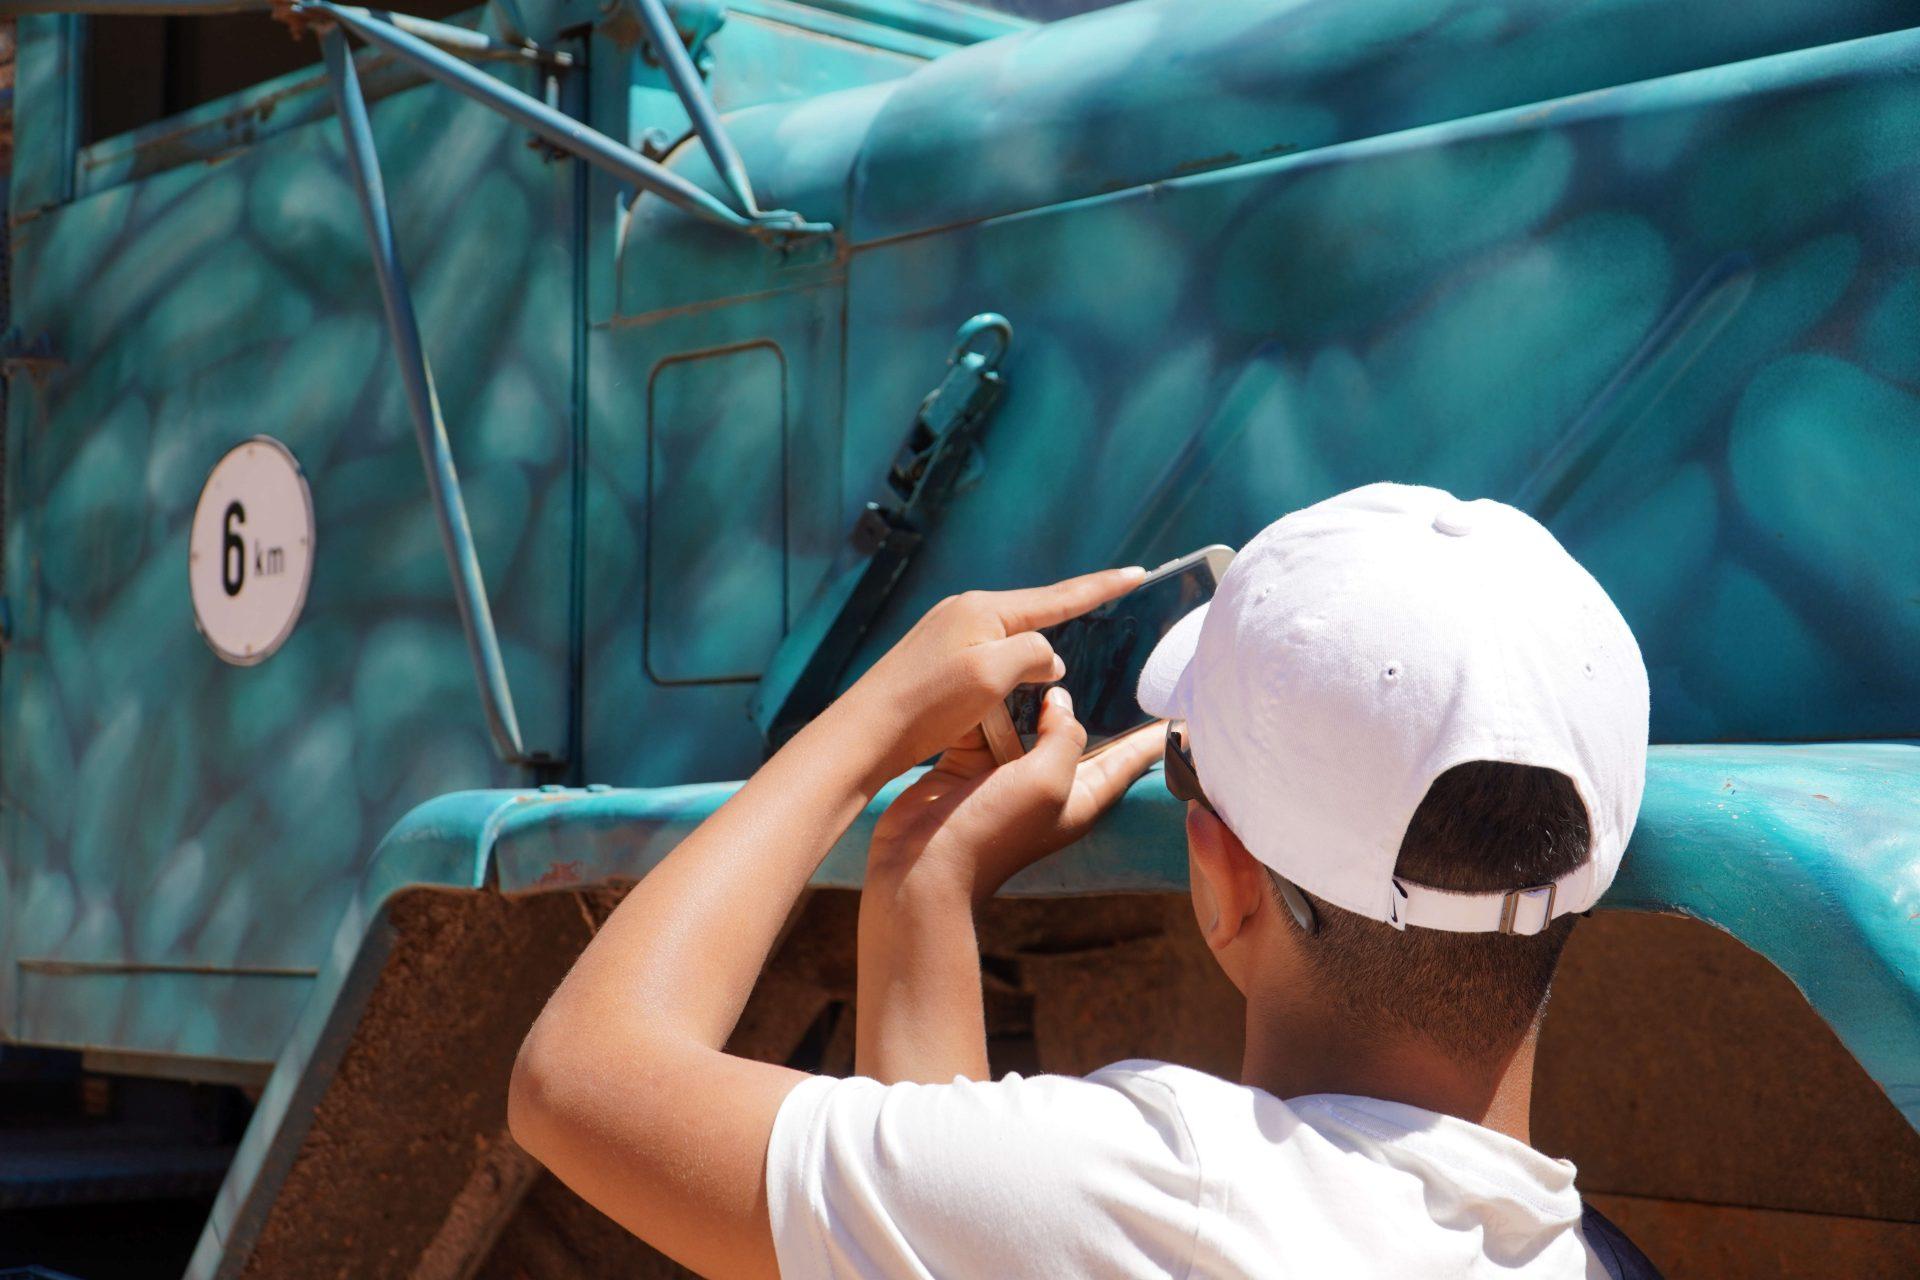 Ein Junge fotografiert einen LKW mit seinem Handy.